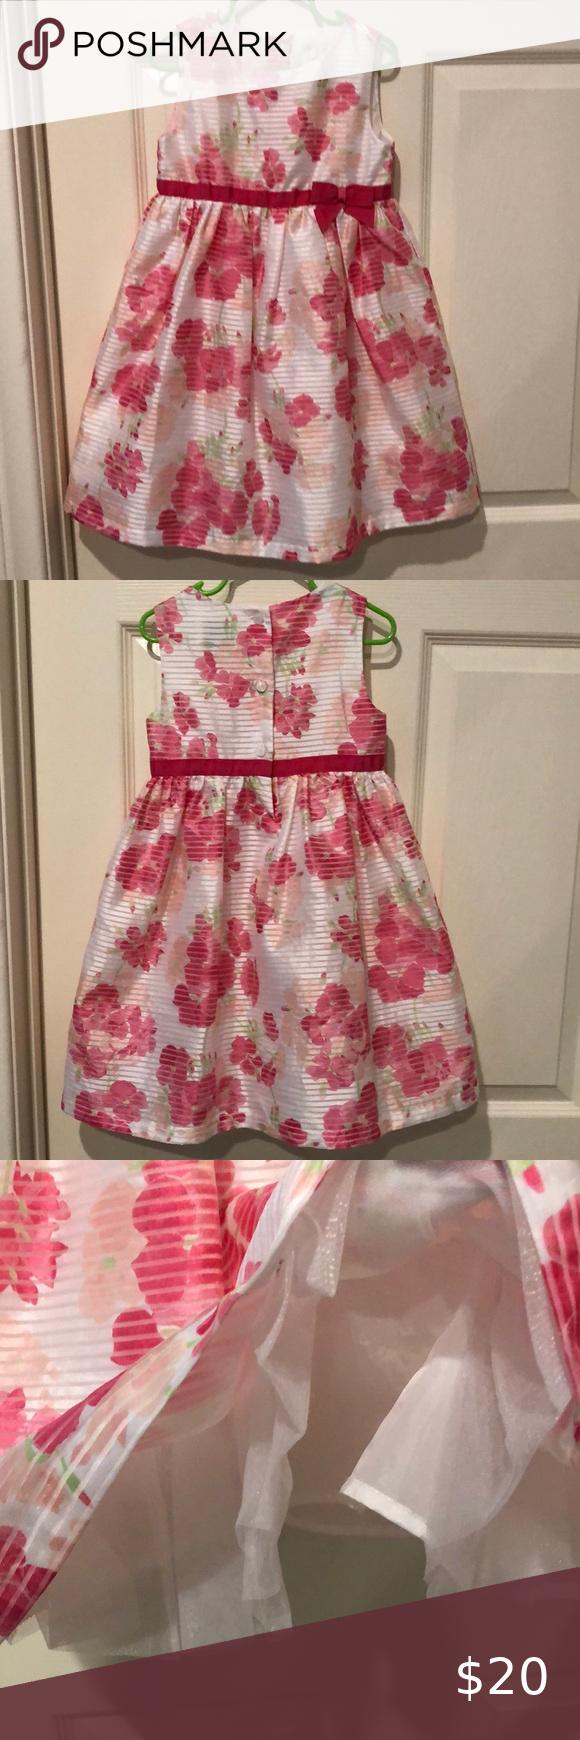 Gymboree Pink White Striped Floral Dress 5t Dresses 5t Dresses Floral Dress [ 1740 x 580 Pixel ]